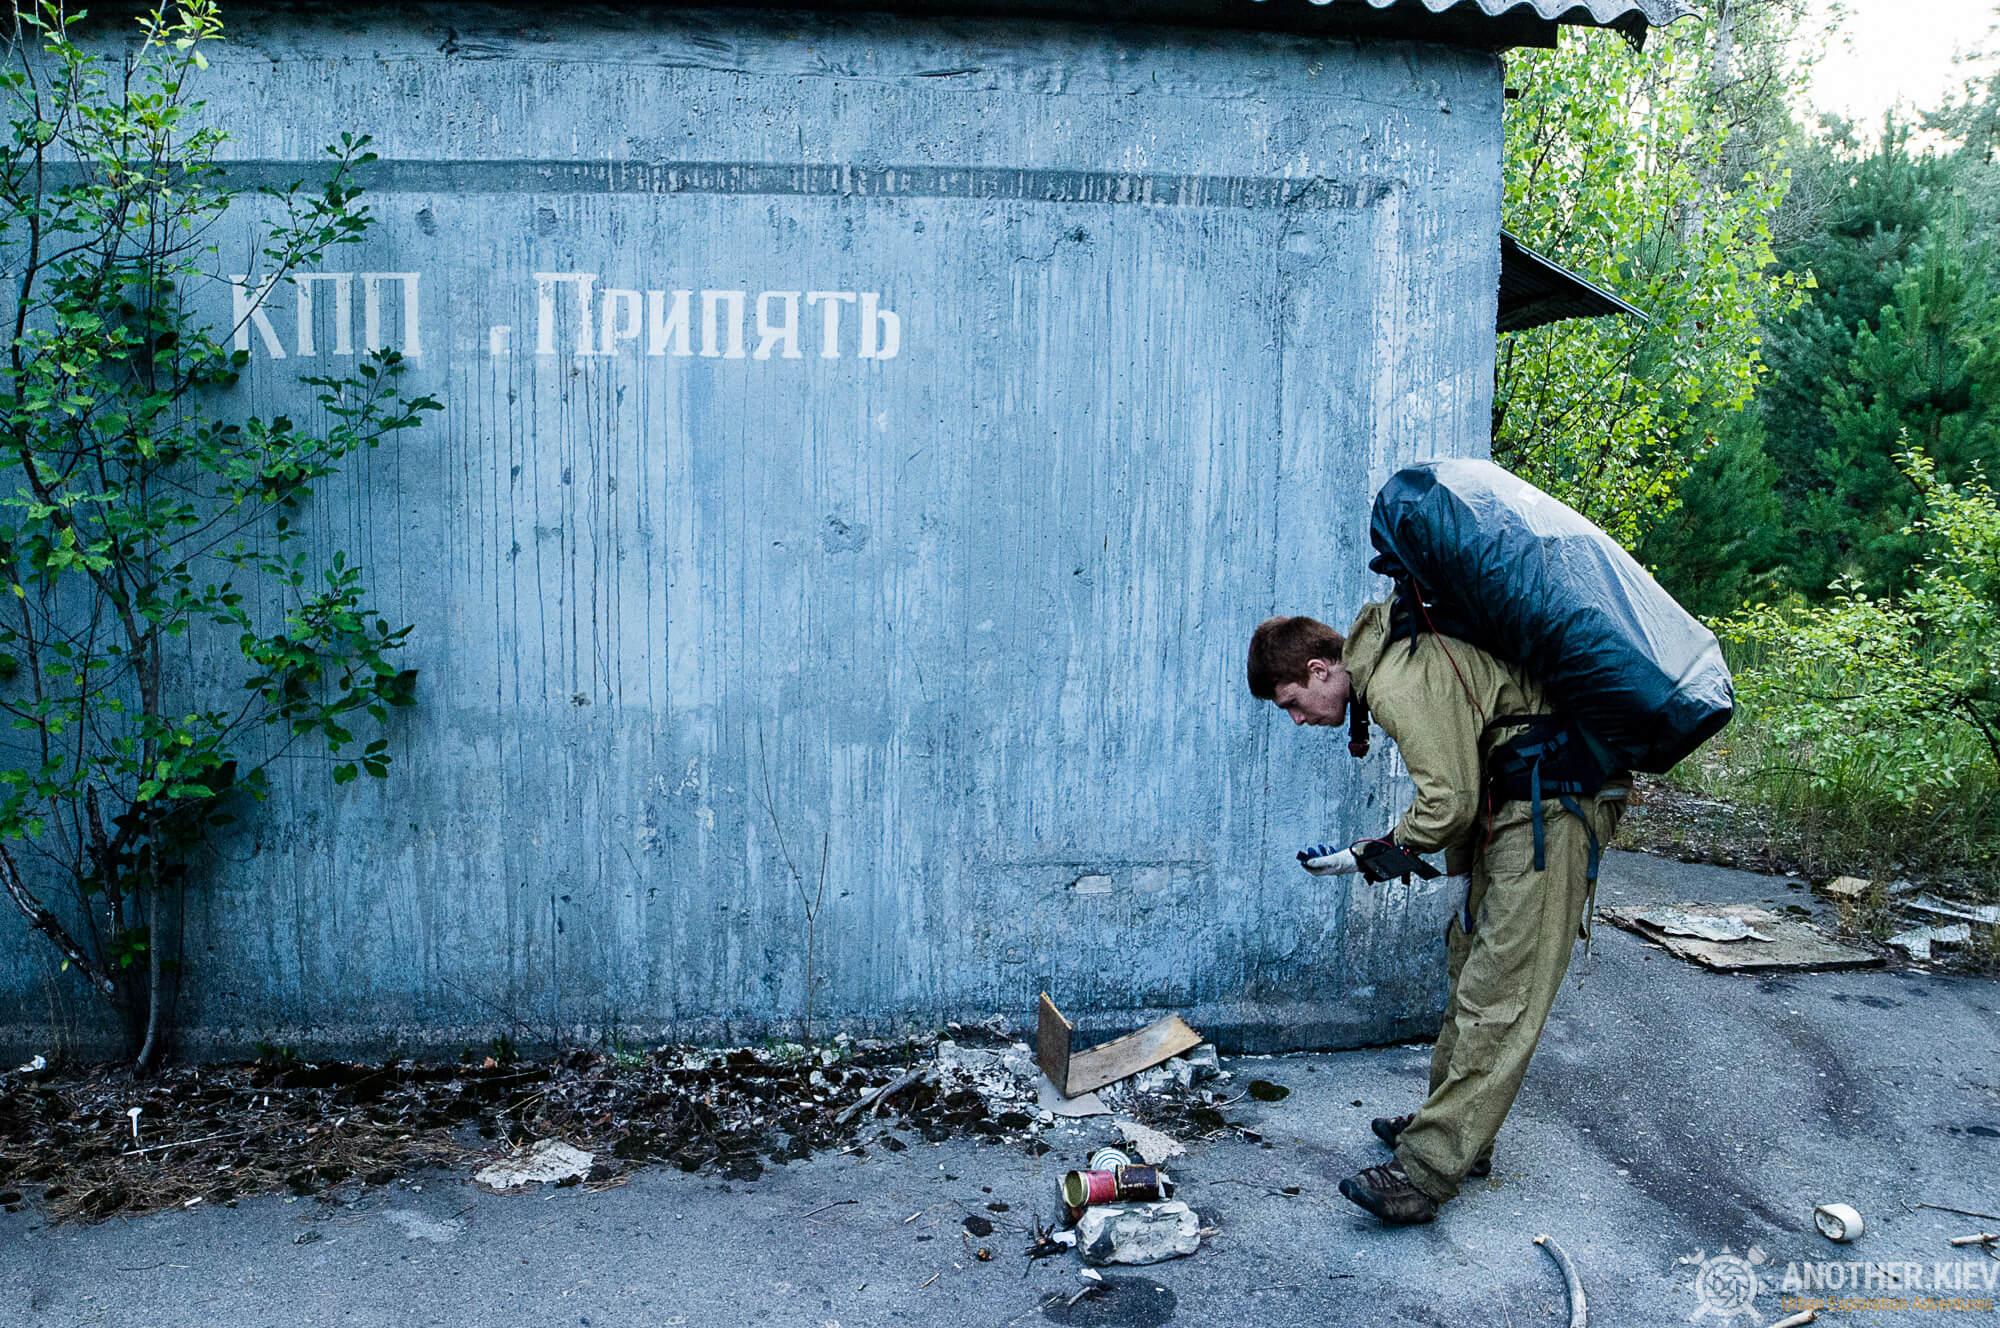 stalker-tour_IGP0983 CHERNOBYL EXPLORATION TOUR